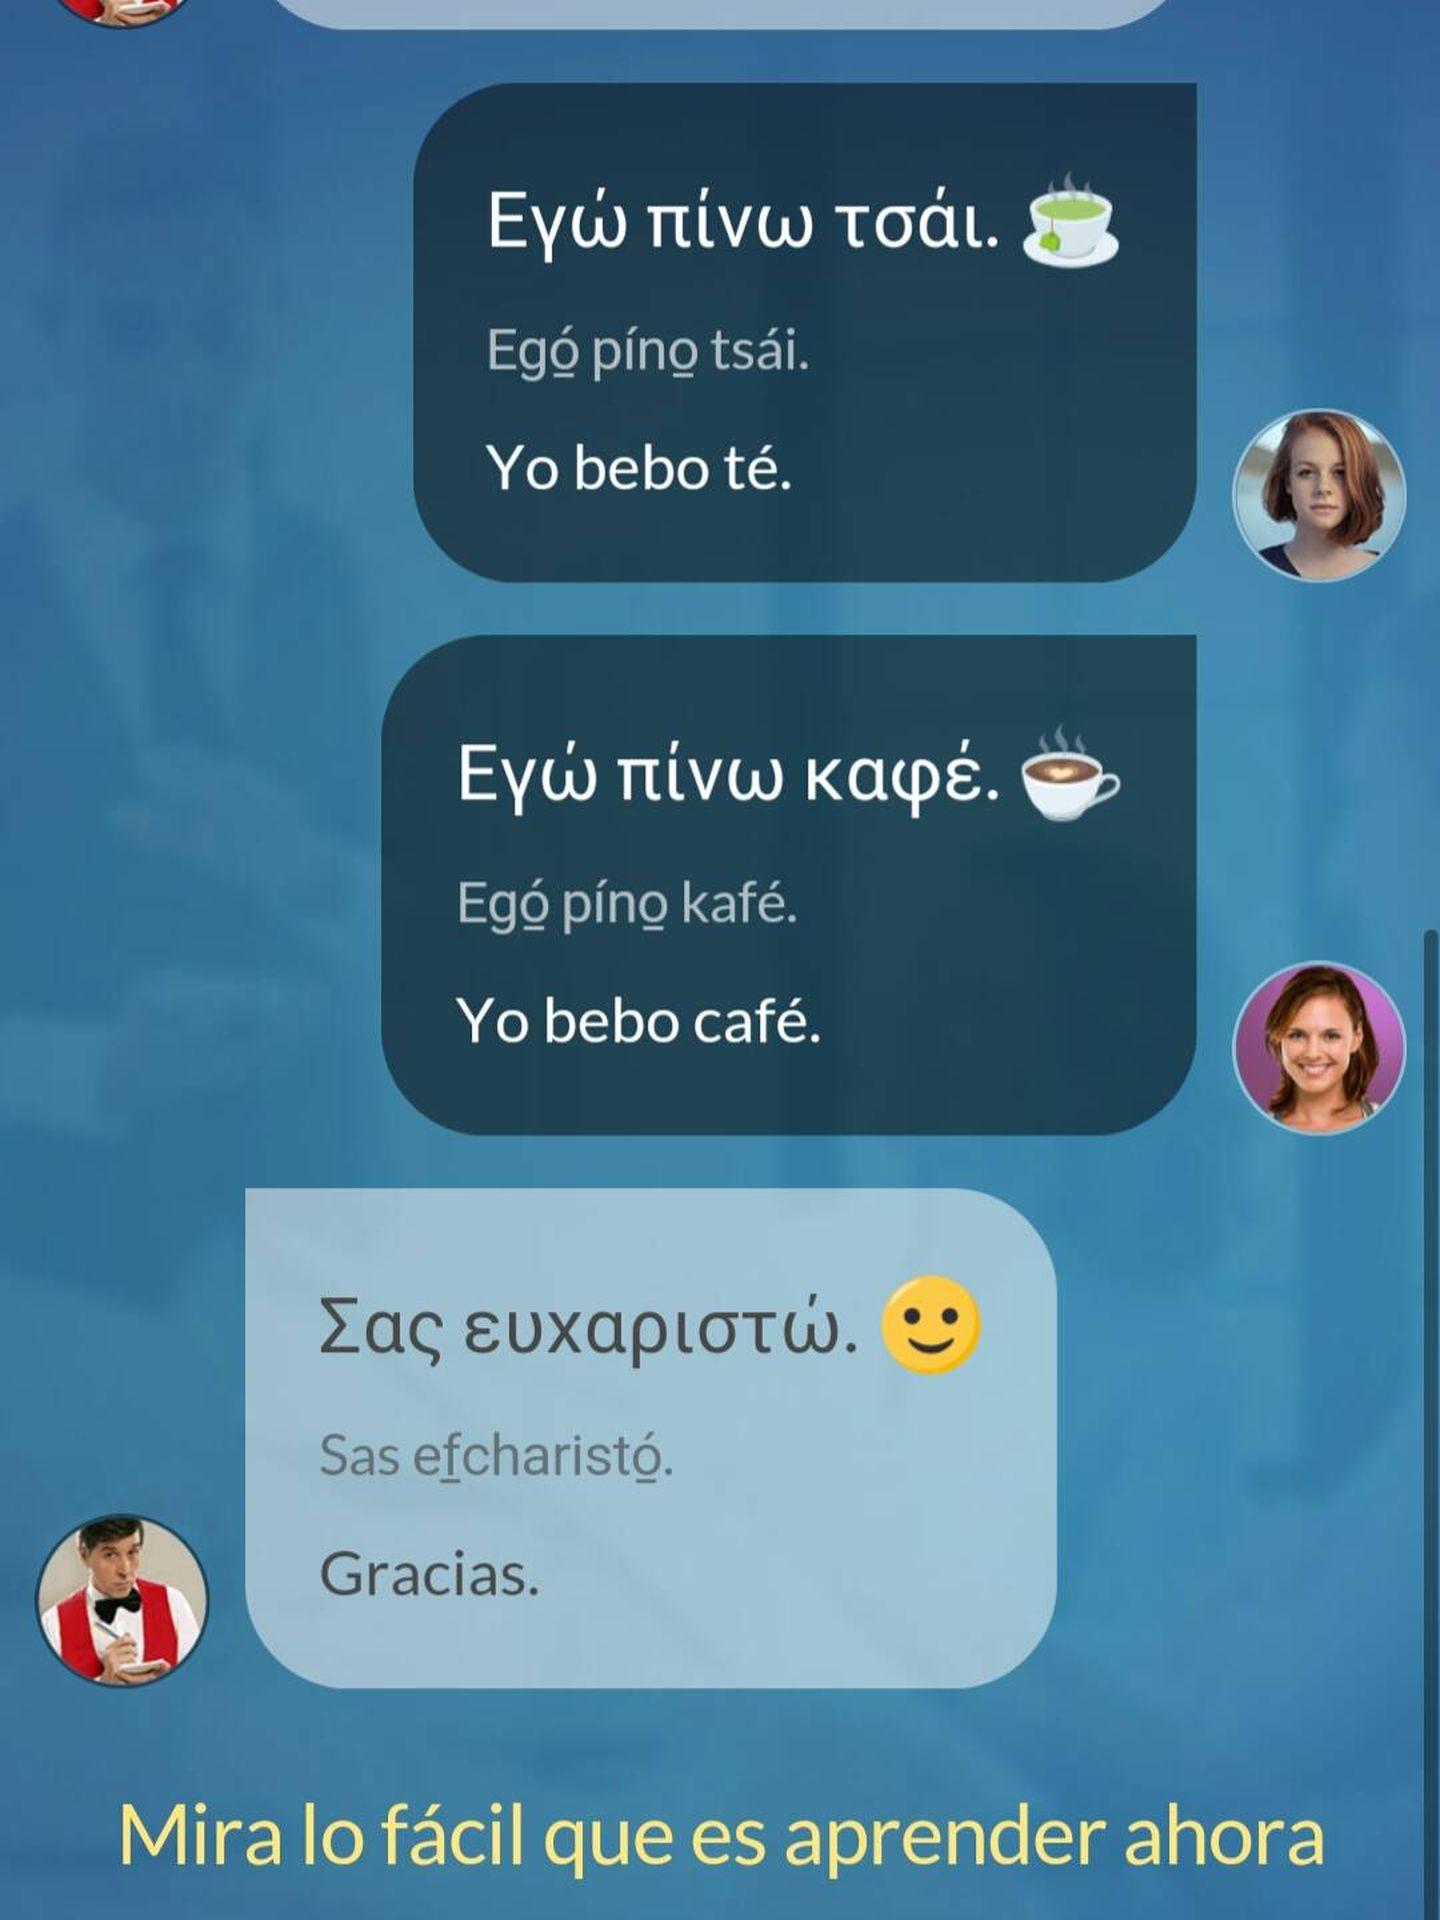 Así podemos aprender griego con Mondly.